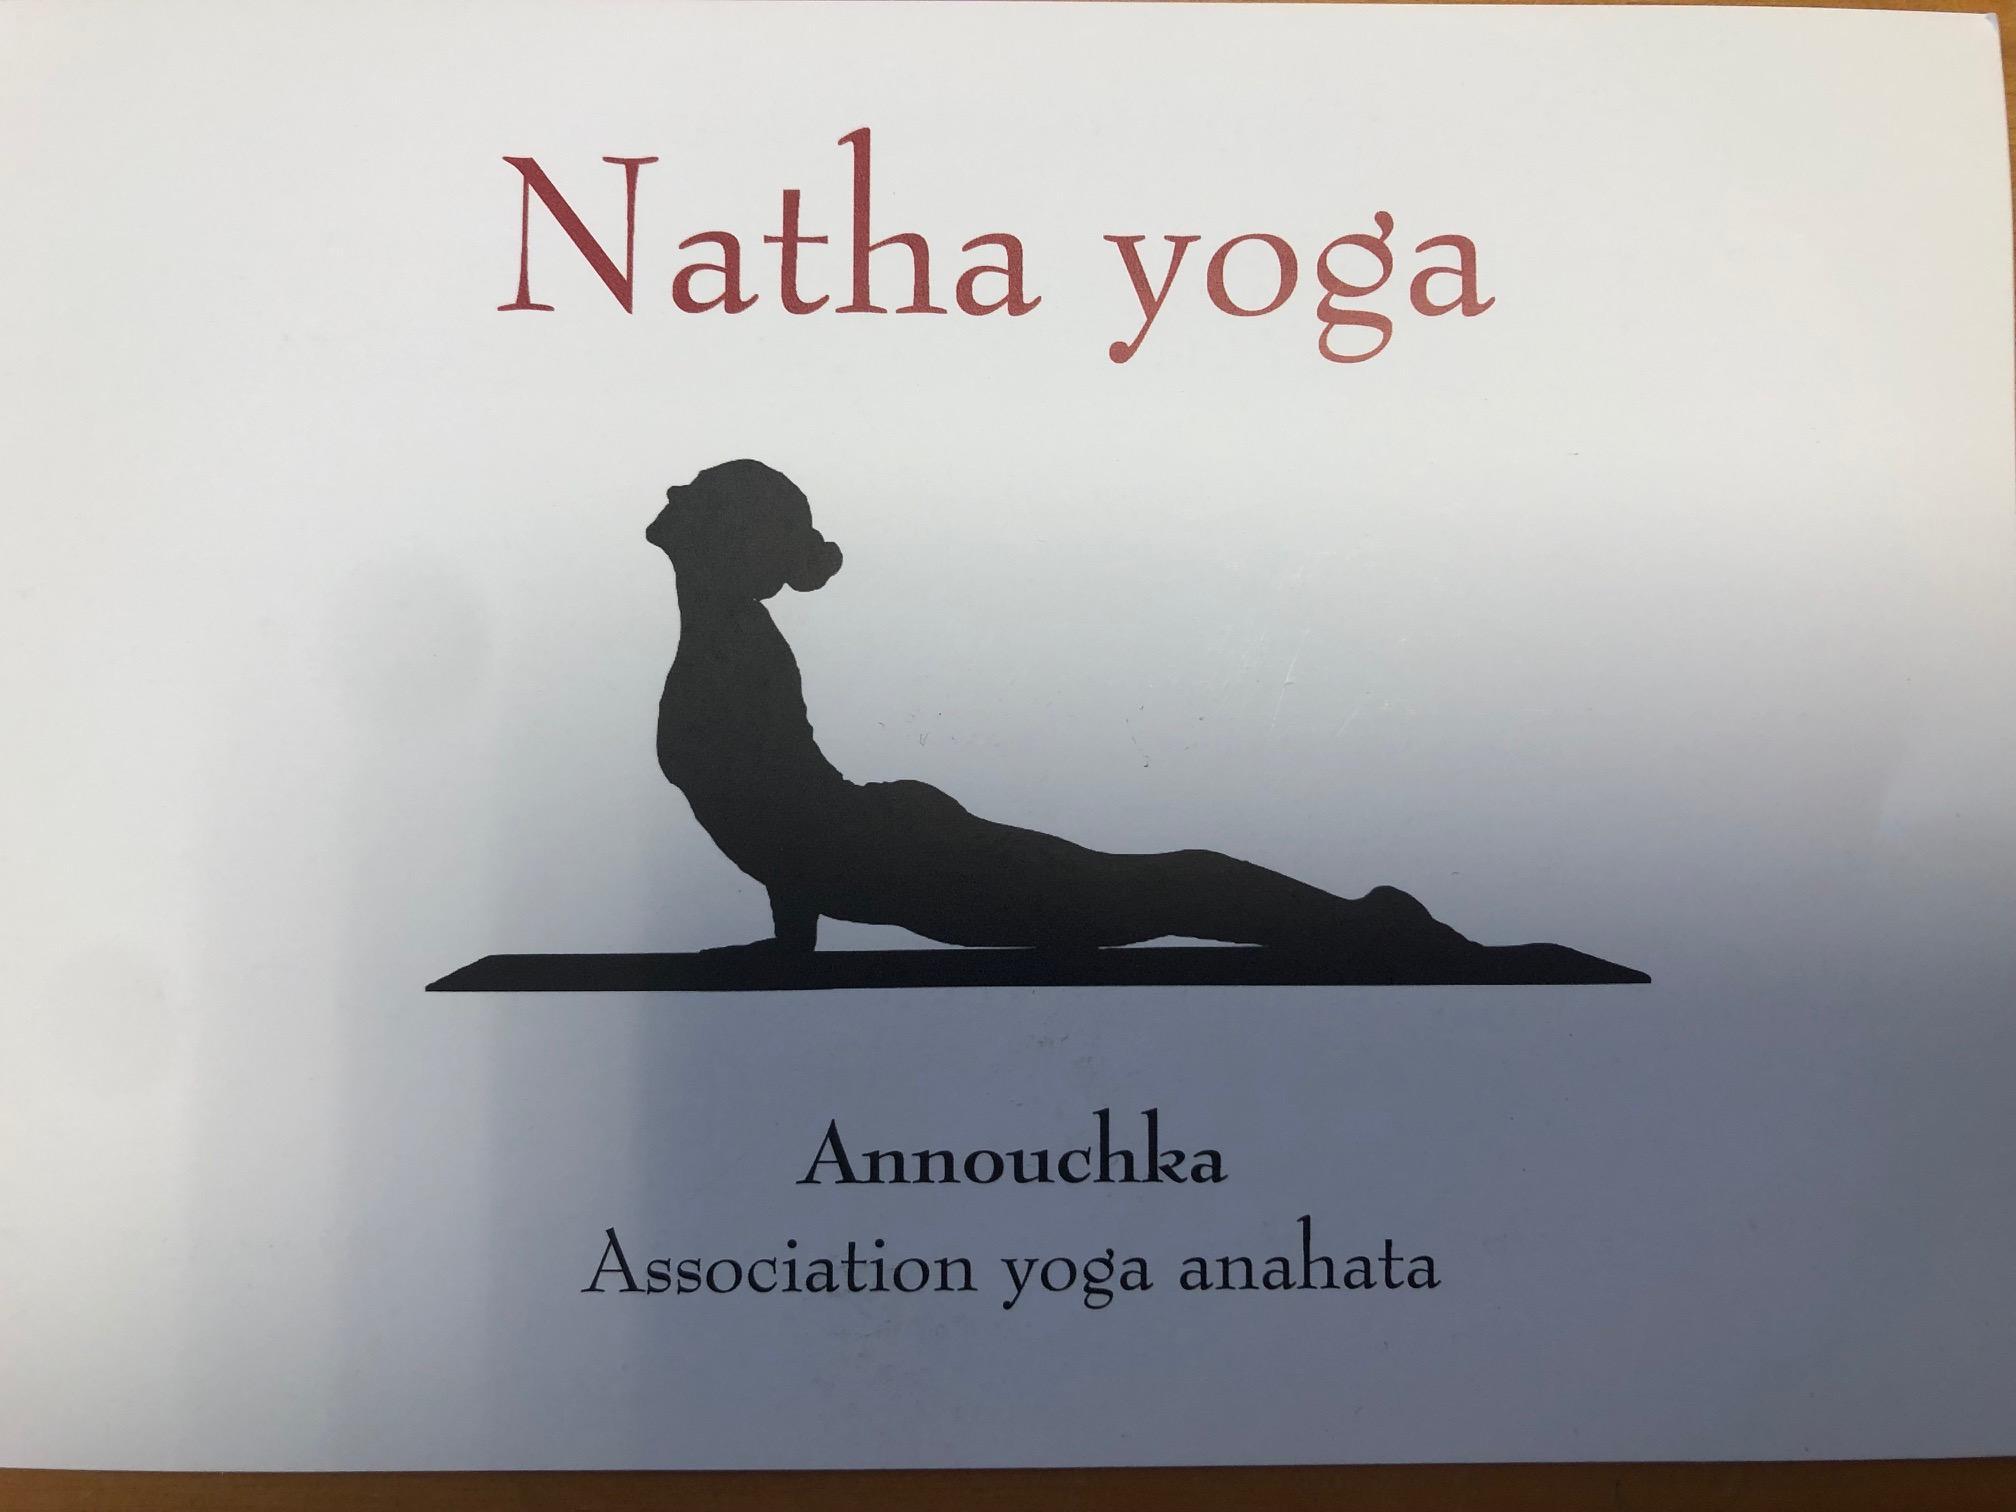 Image de couverture - Reprise des cours de Yoga